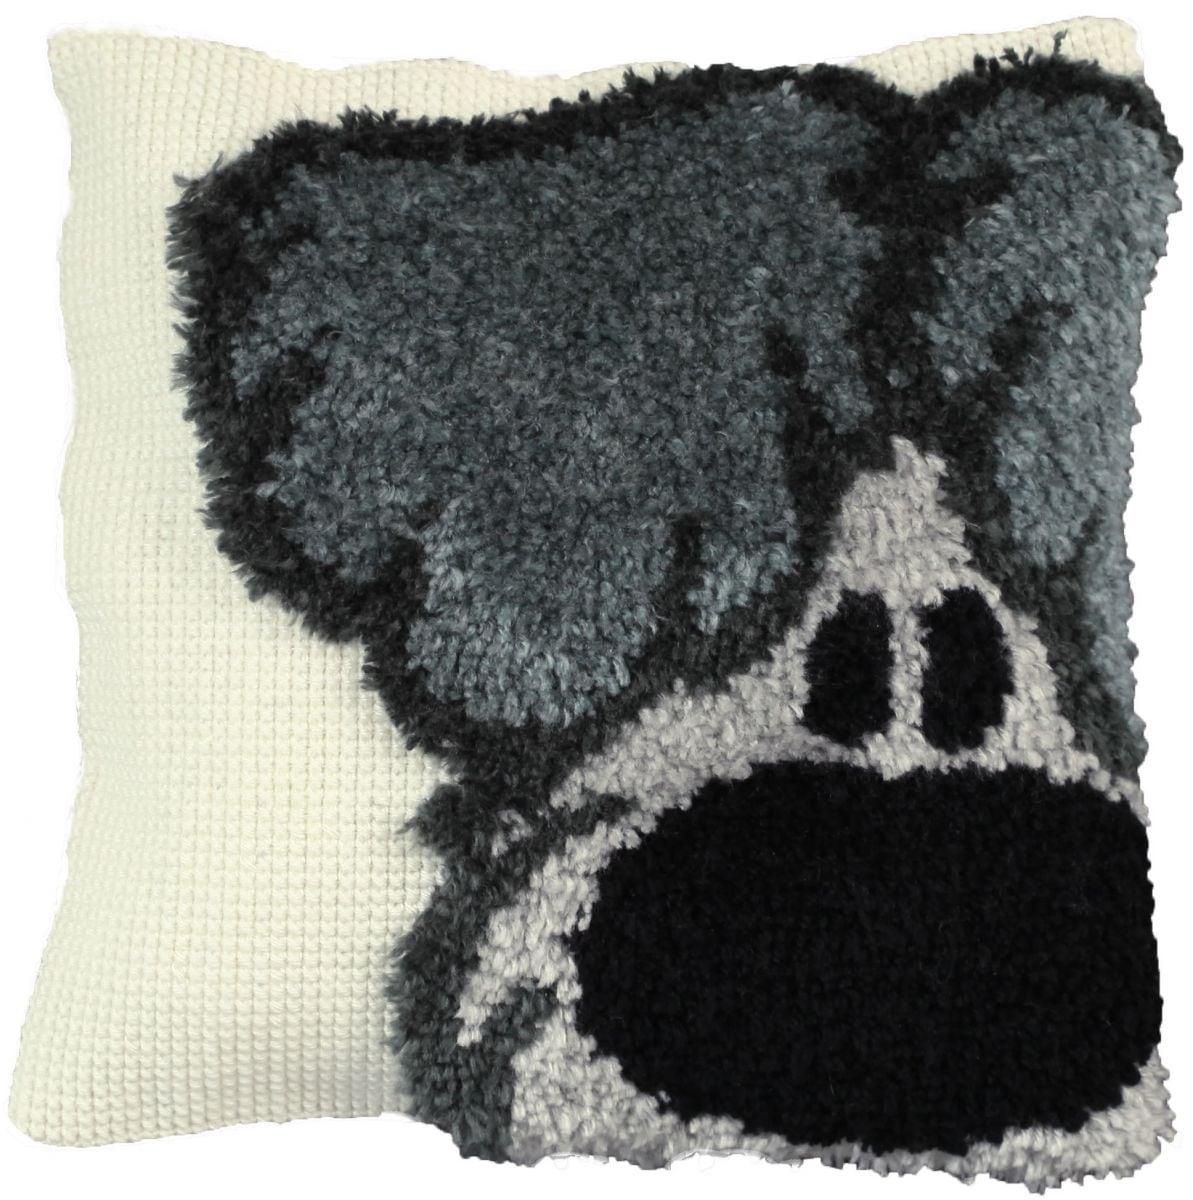 cross stitch latch hook cushion woezel woezelpip printed